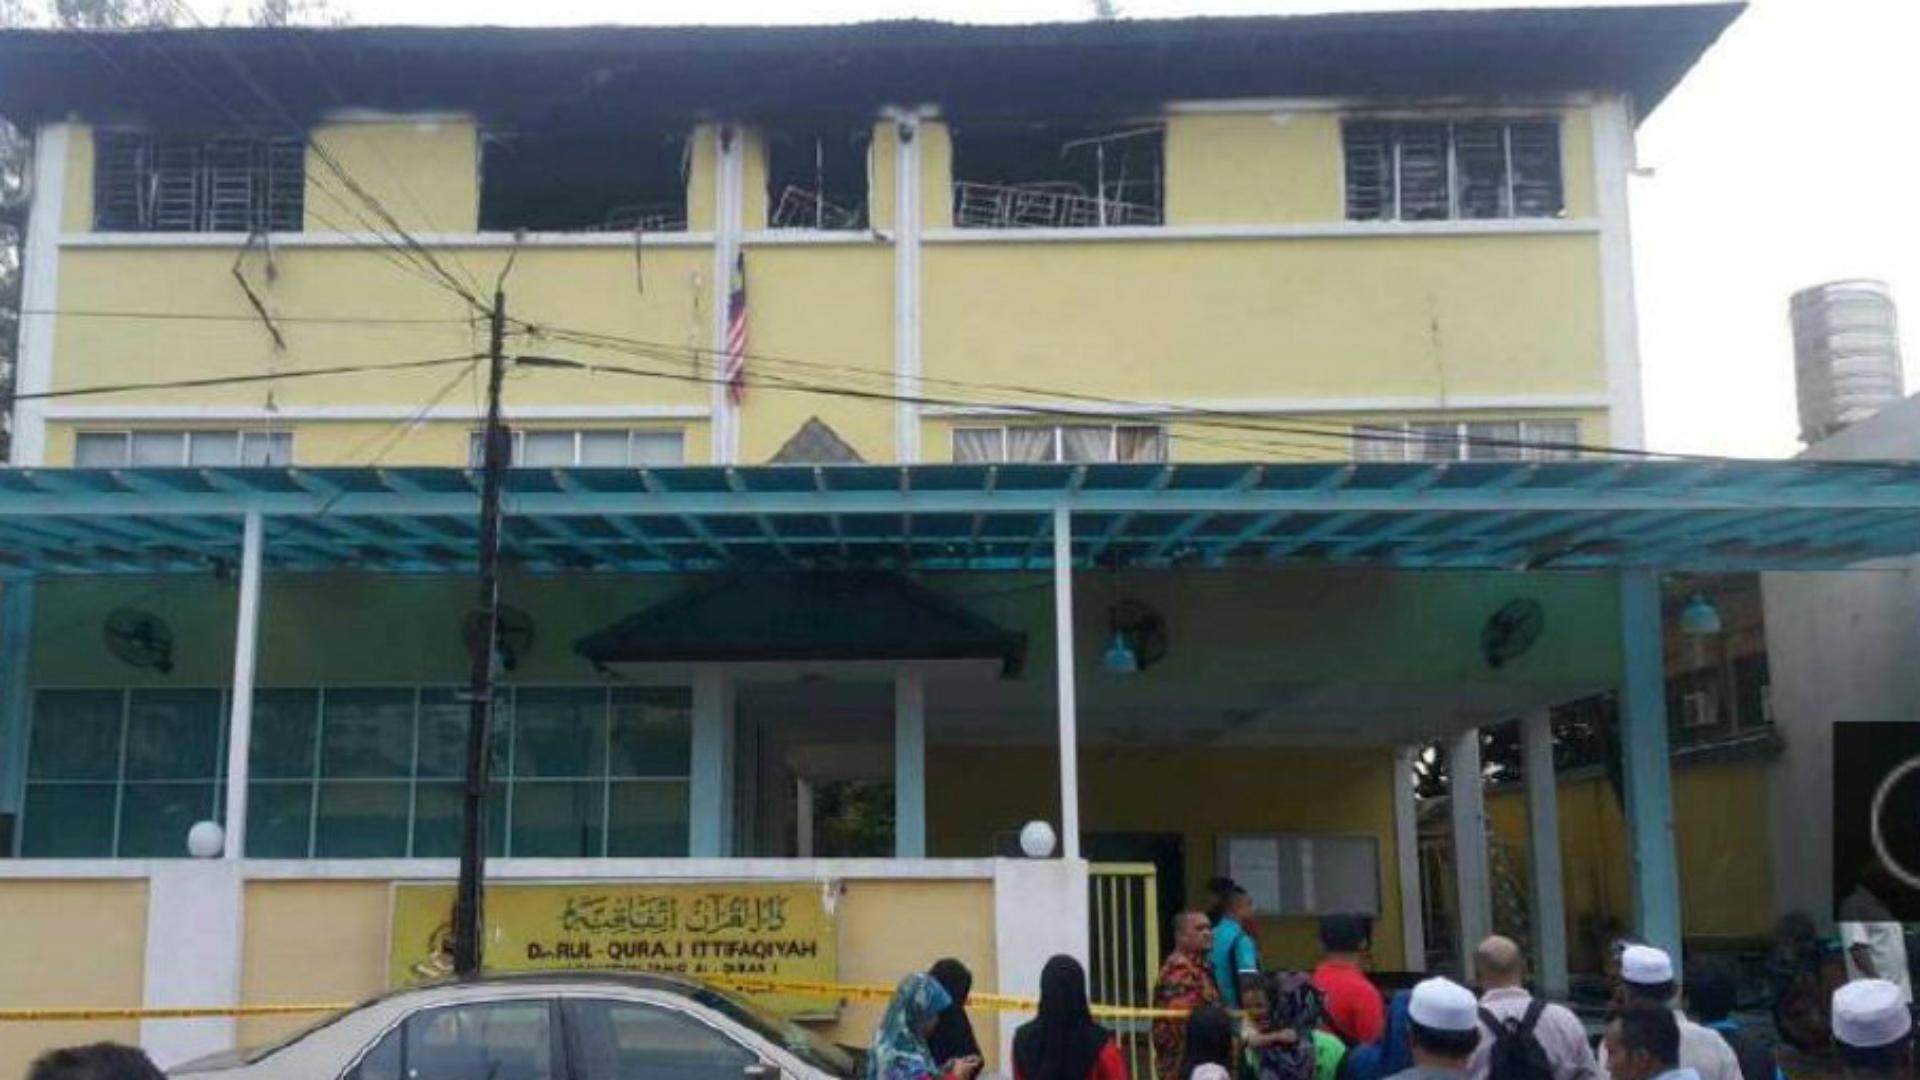 El incendio ocurrió en el último piso de la edificación. (Reuters)